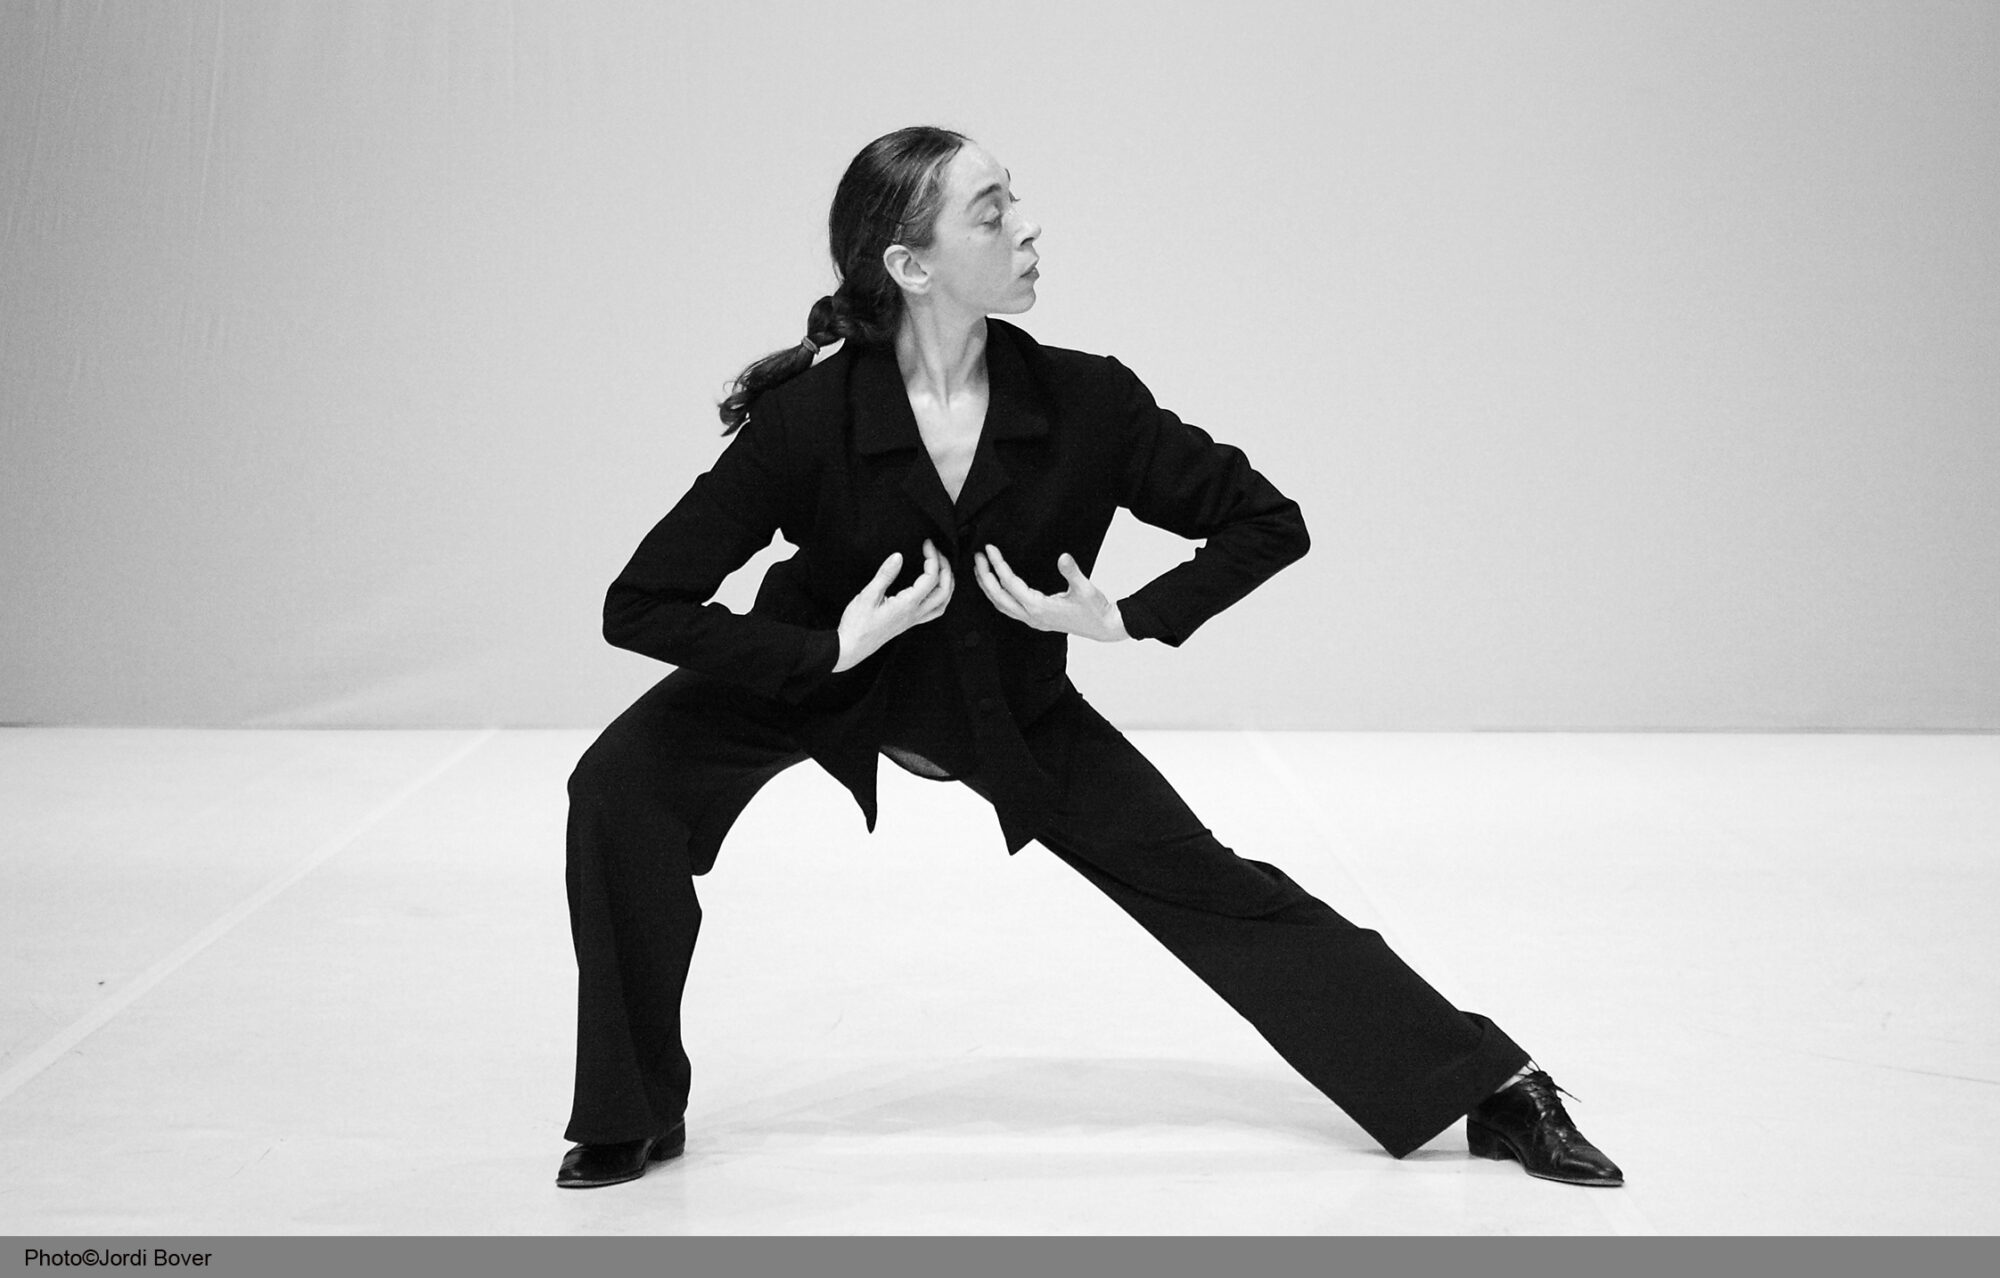 Fotografía de Jordi Jover cortesía de Dansa València